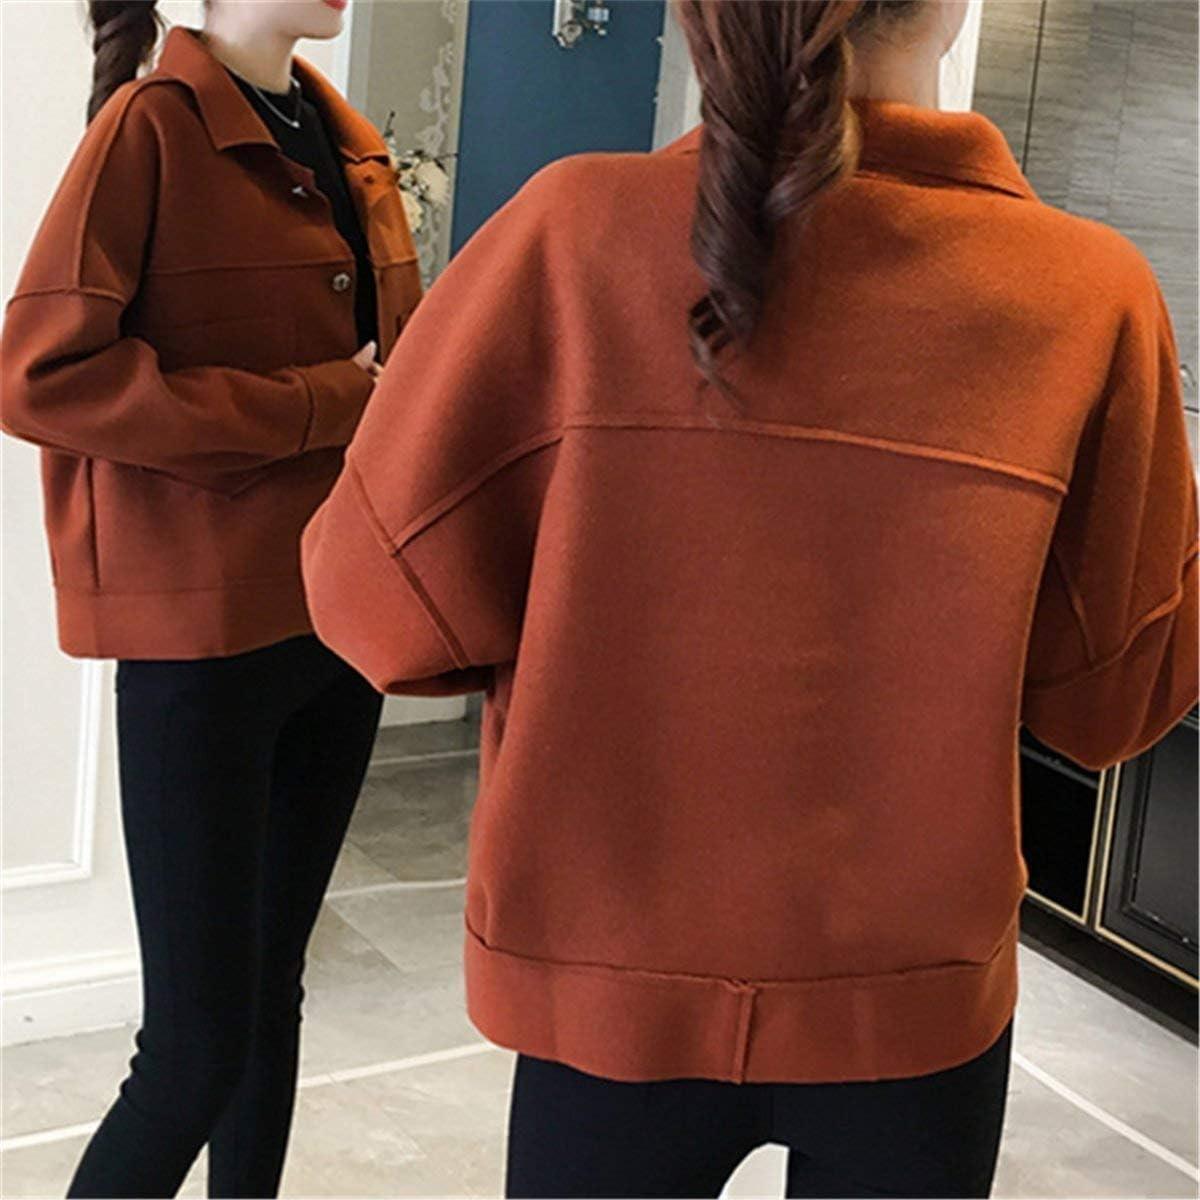 HX fashion Cappotto Corto Donna Invernali Baggy Coat Bavero Manica Lunga Tasche Anteriori Rot